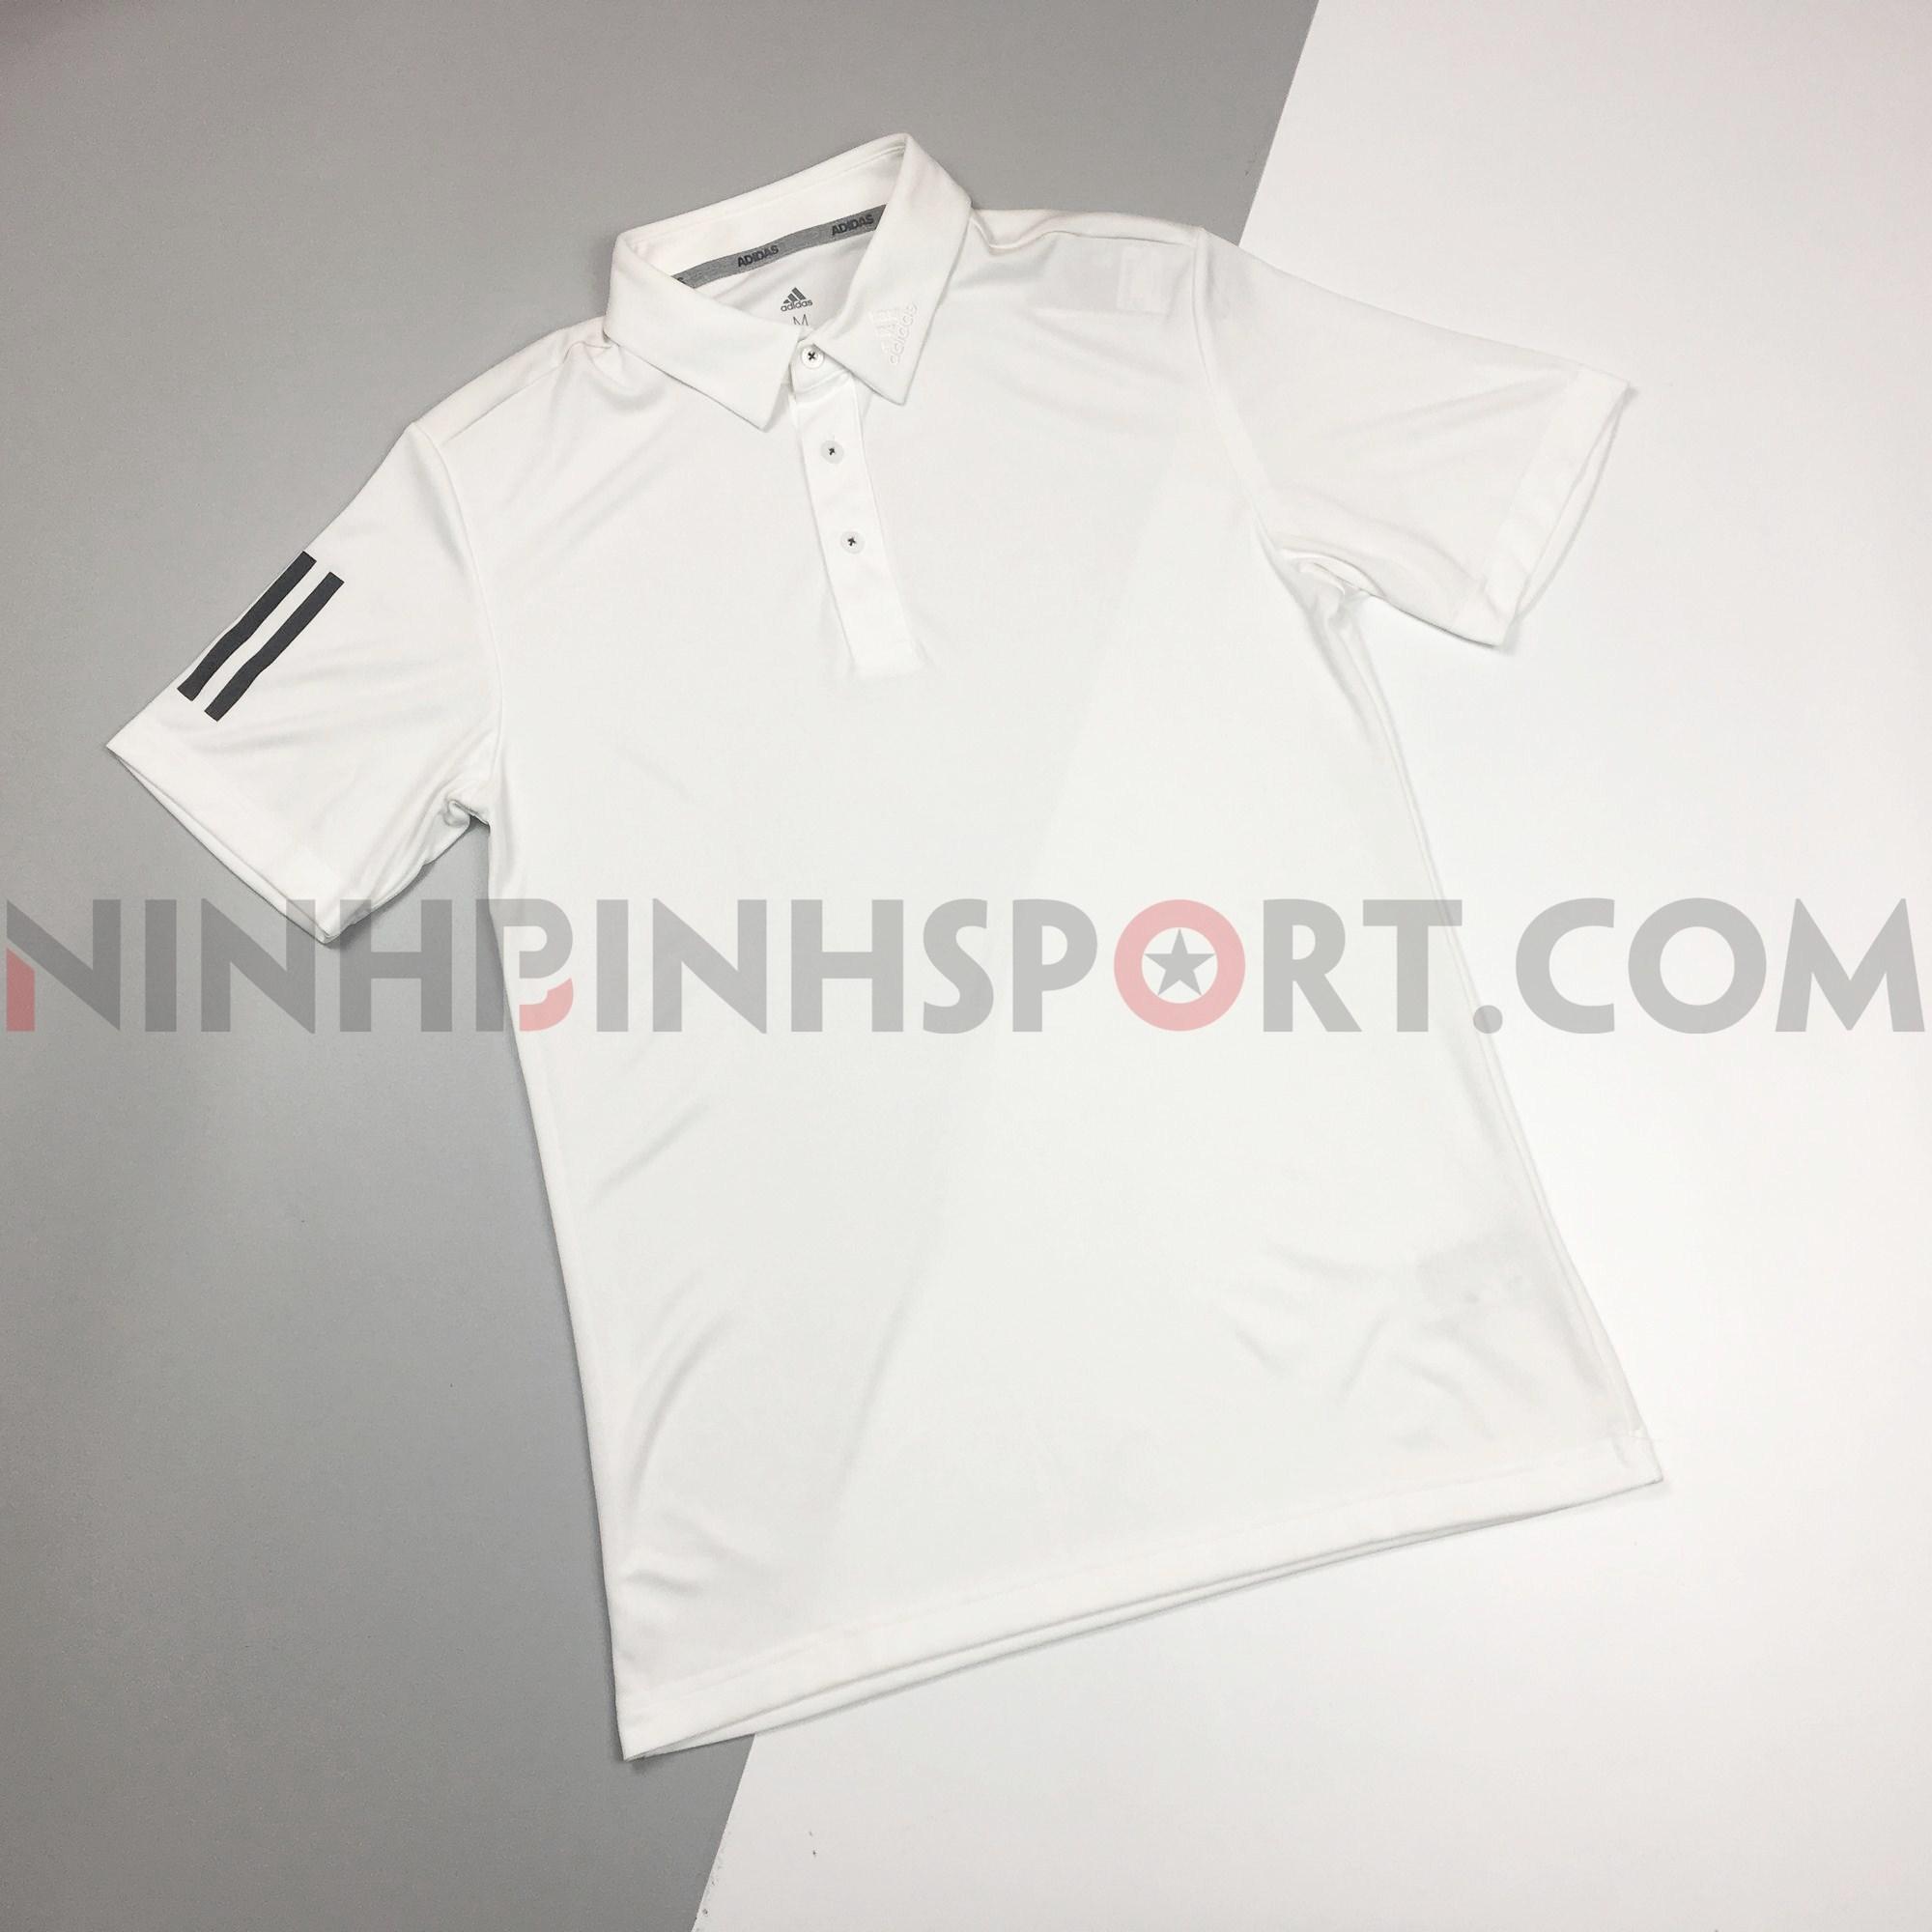 Áo thể thao nam Adidas Golf Polo - White DW5748